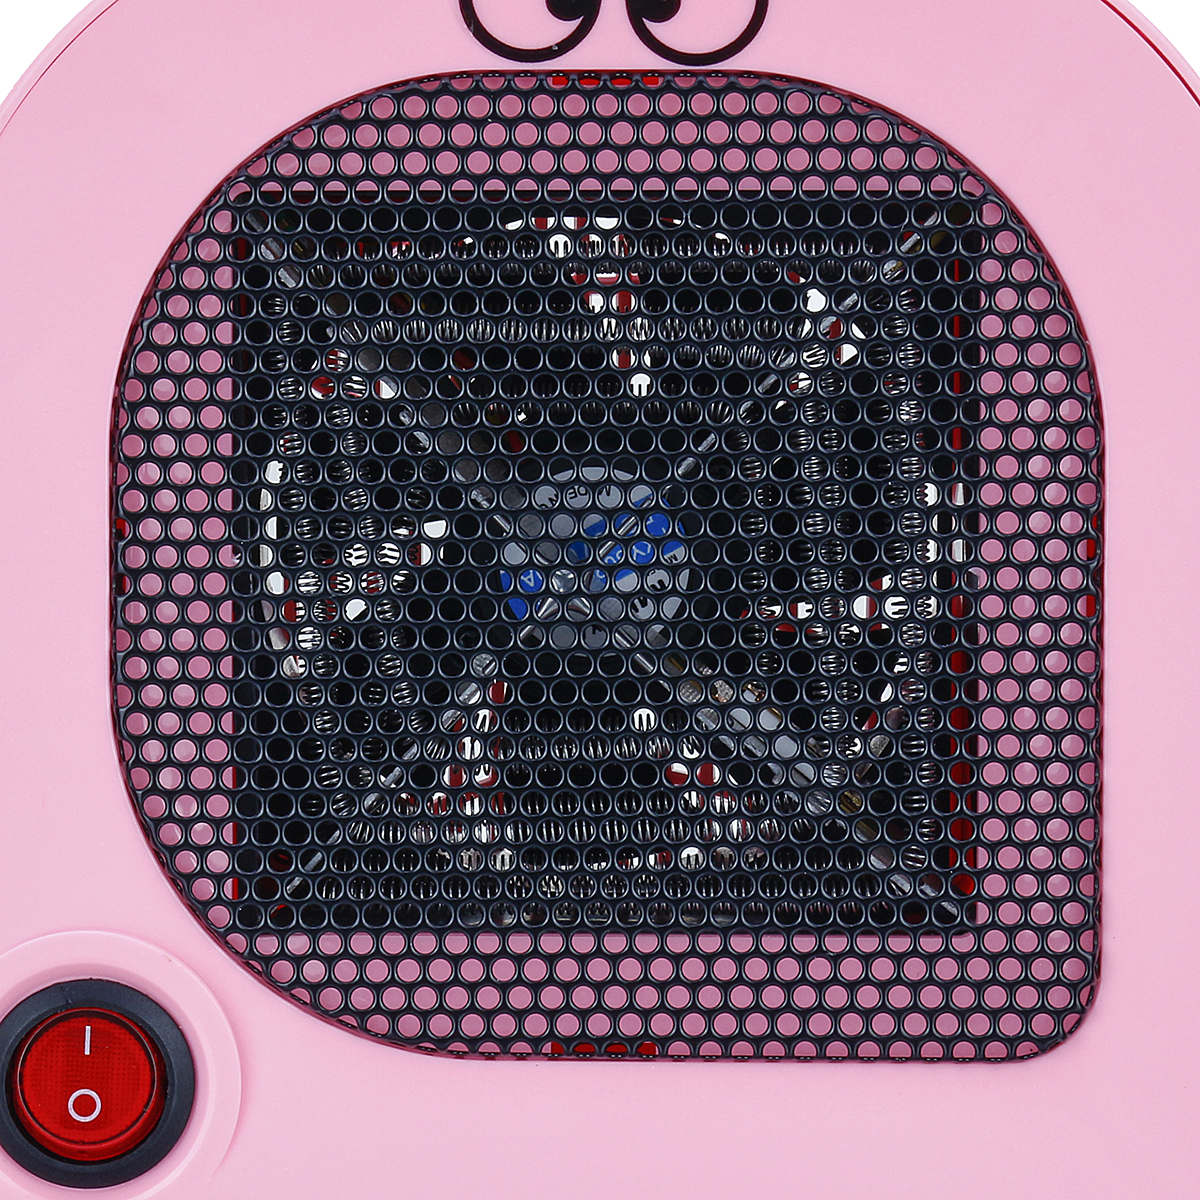 400W Mini Protable Space Heater Cartoon Type Desktop Electric Heater Fan Fast Heating